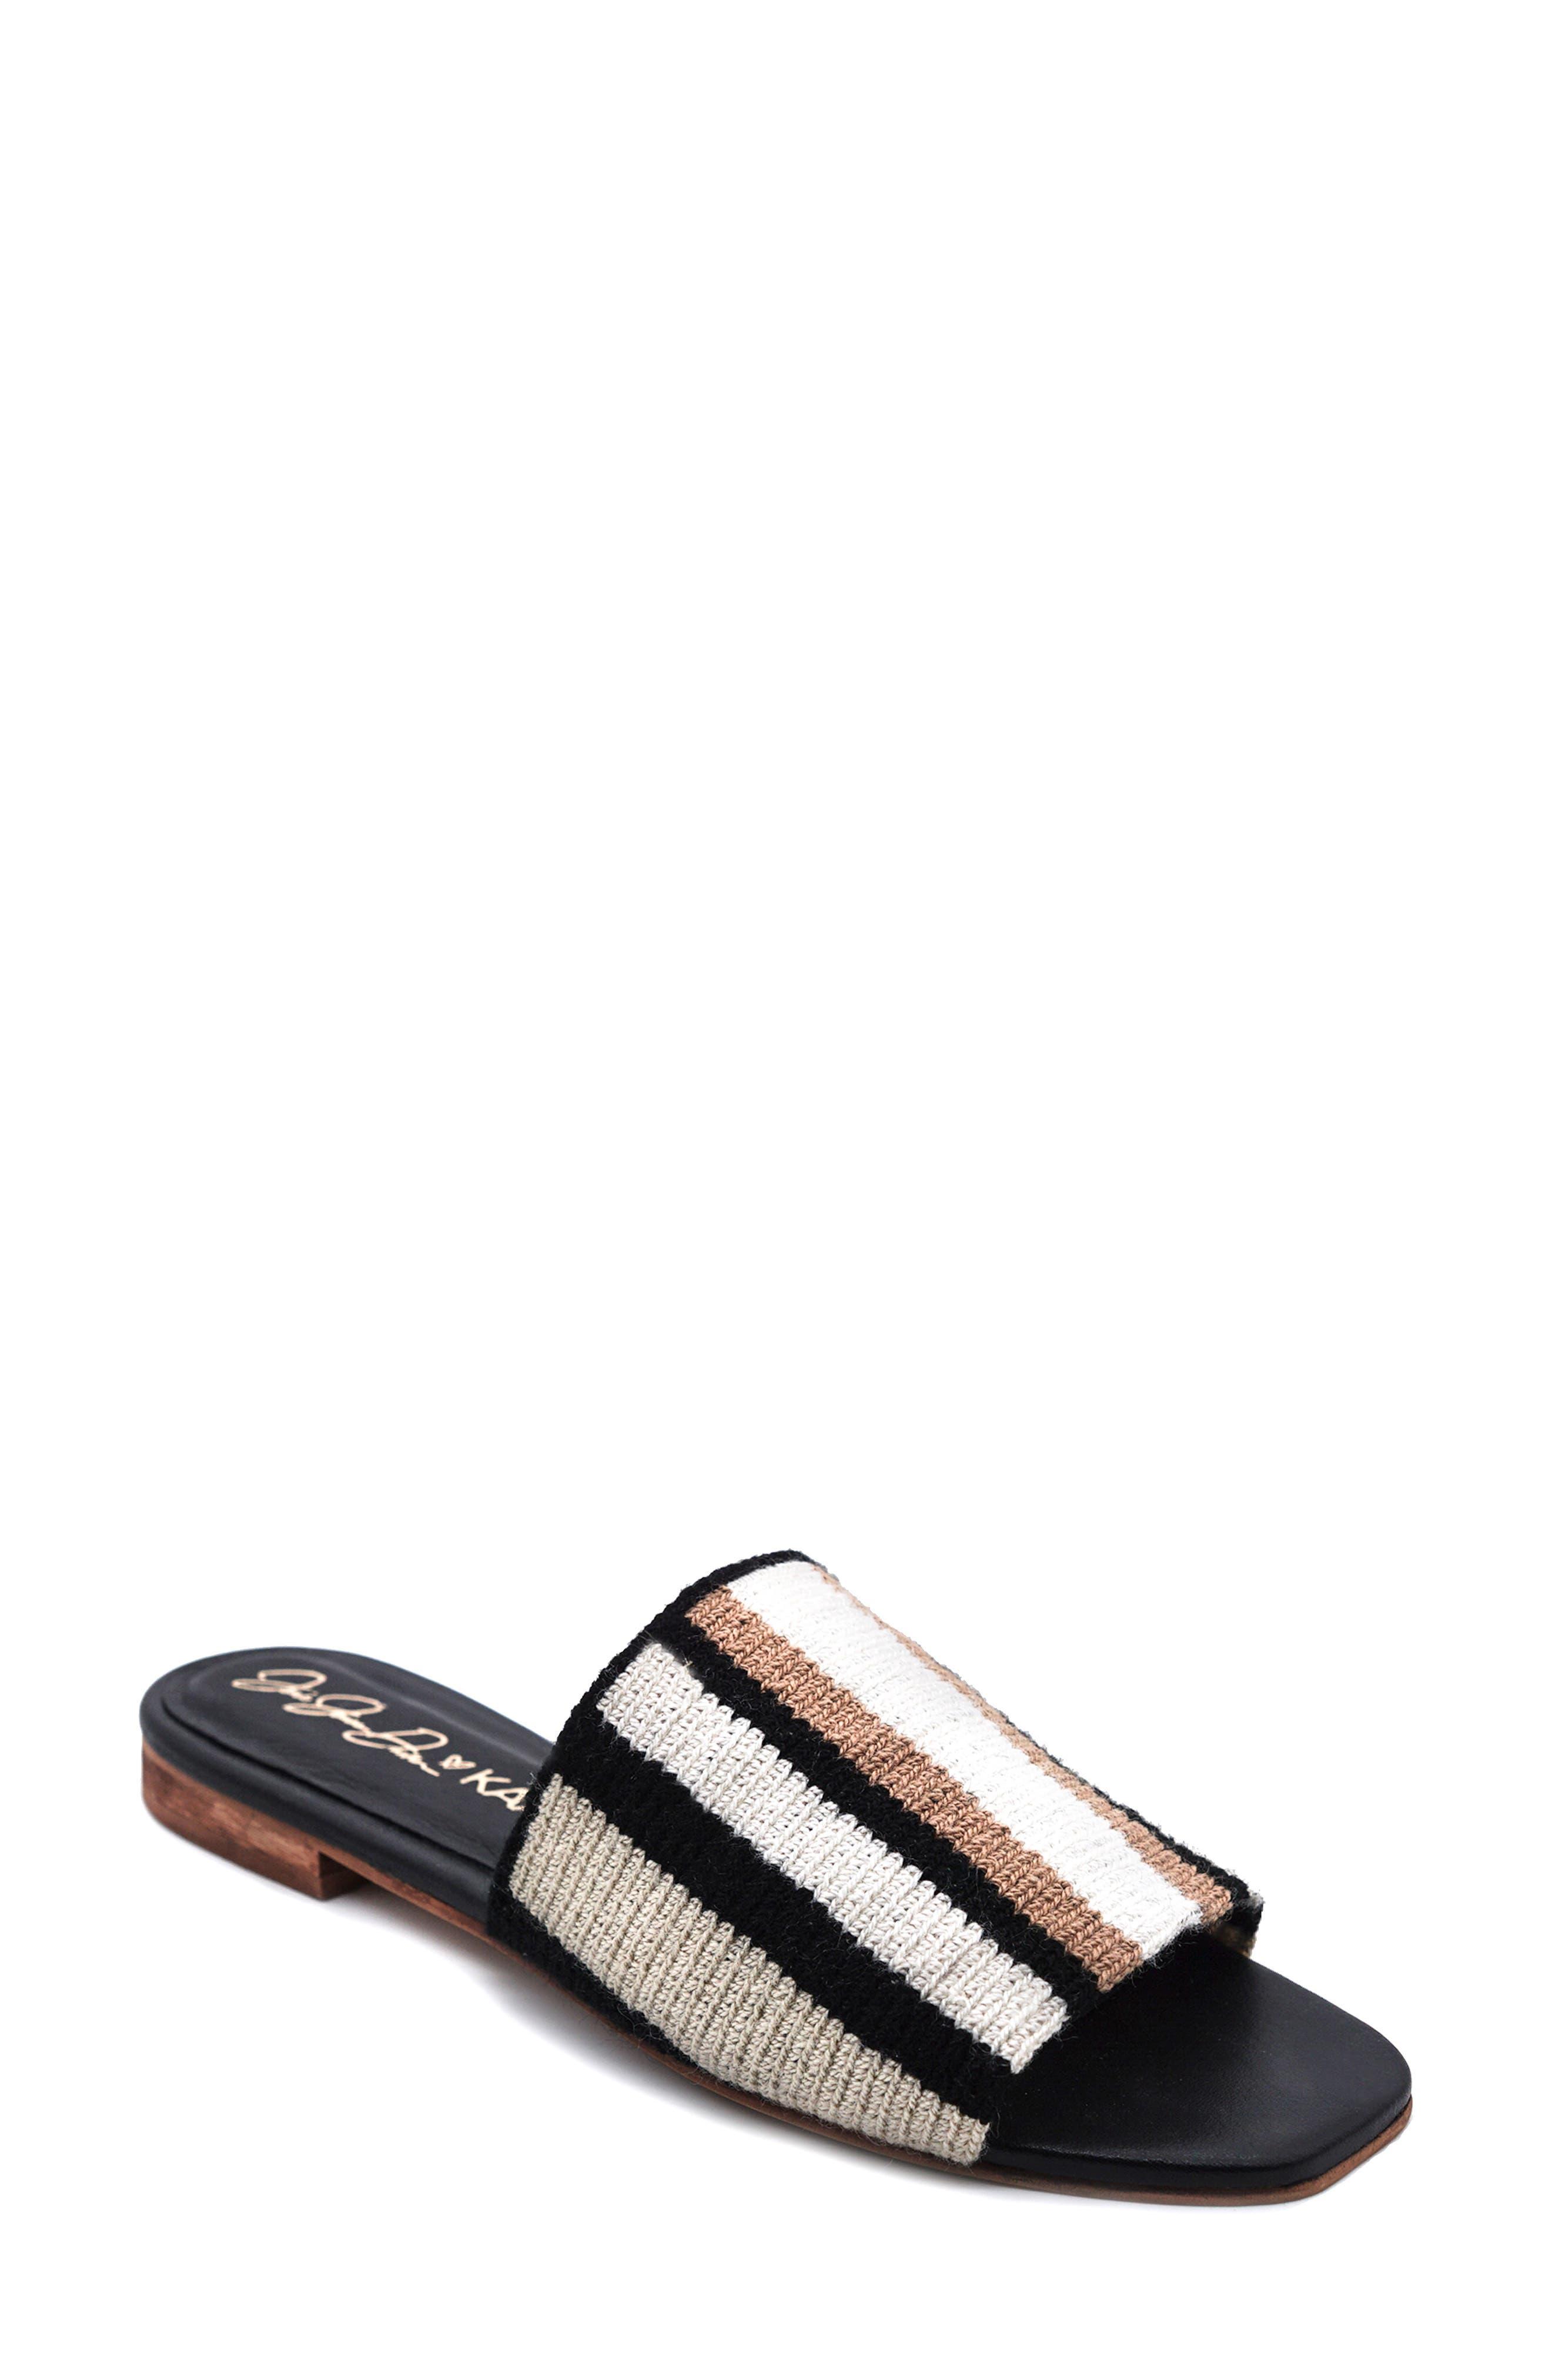 X Jessie James Decker Bronte Slide Sandal